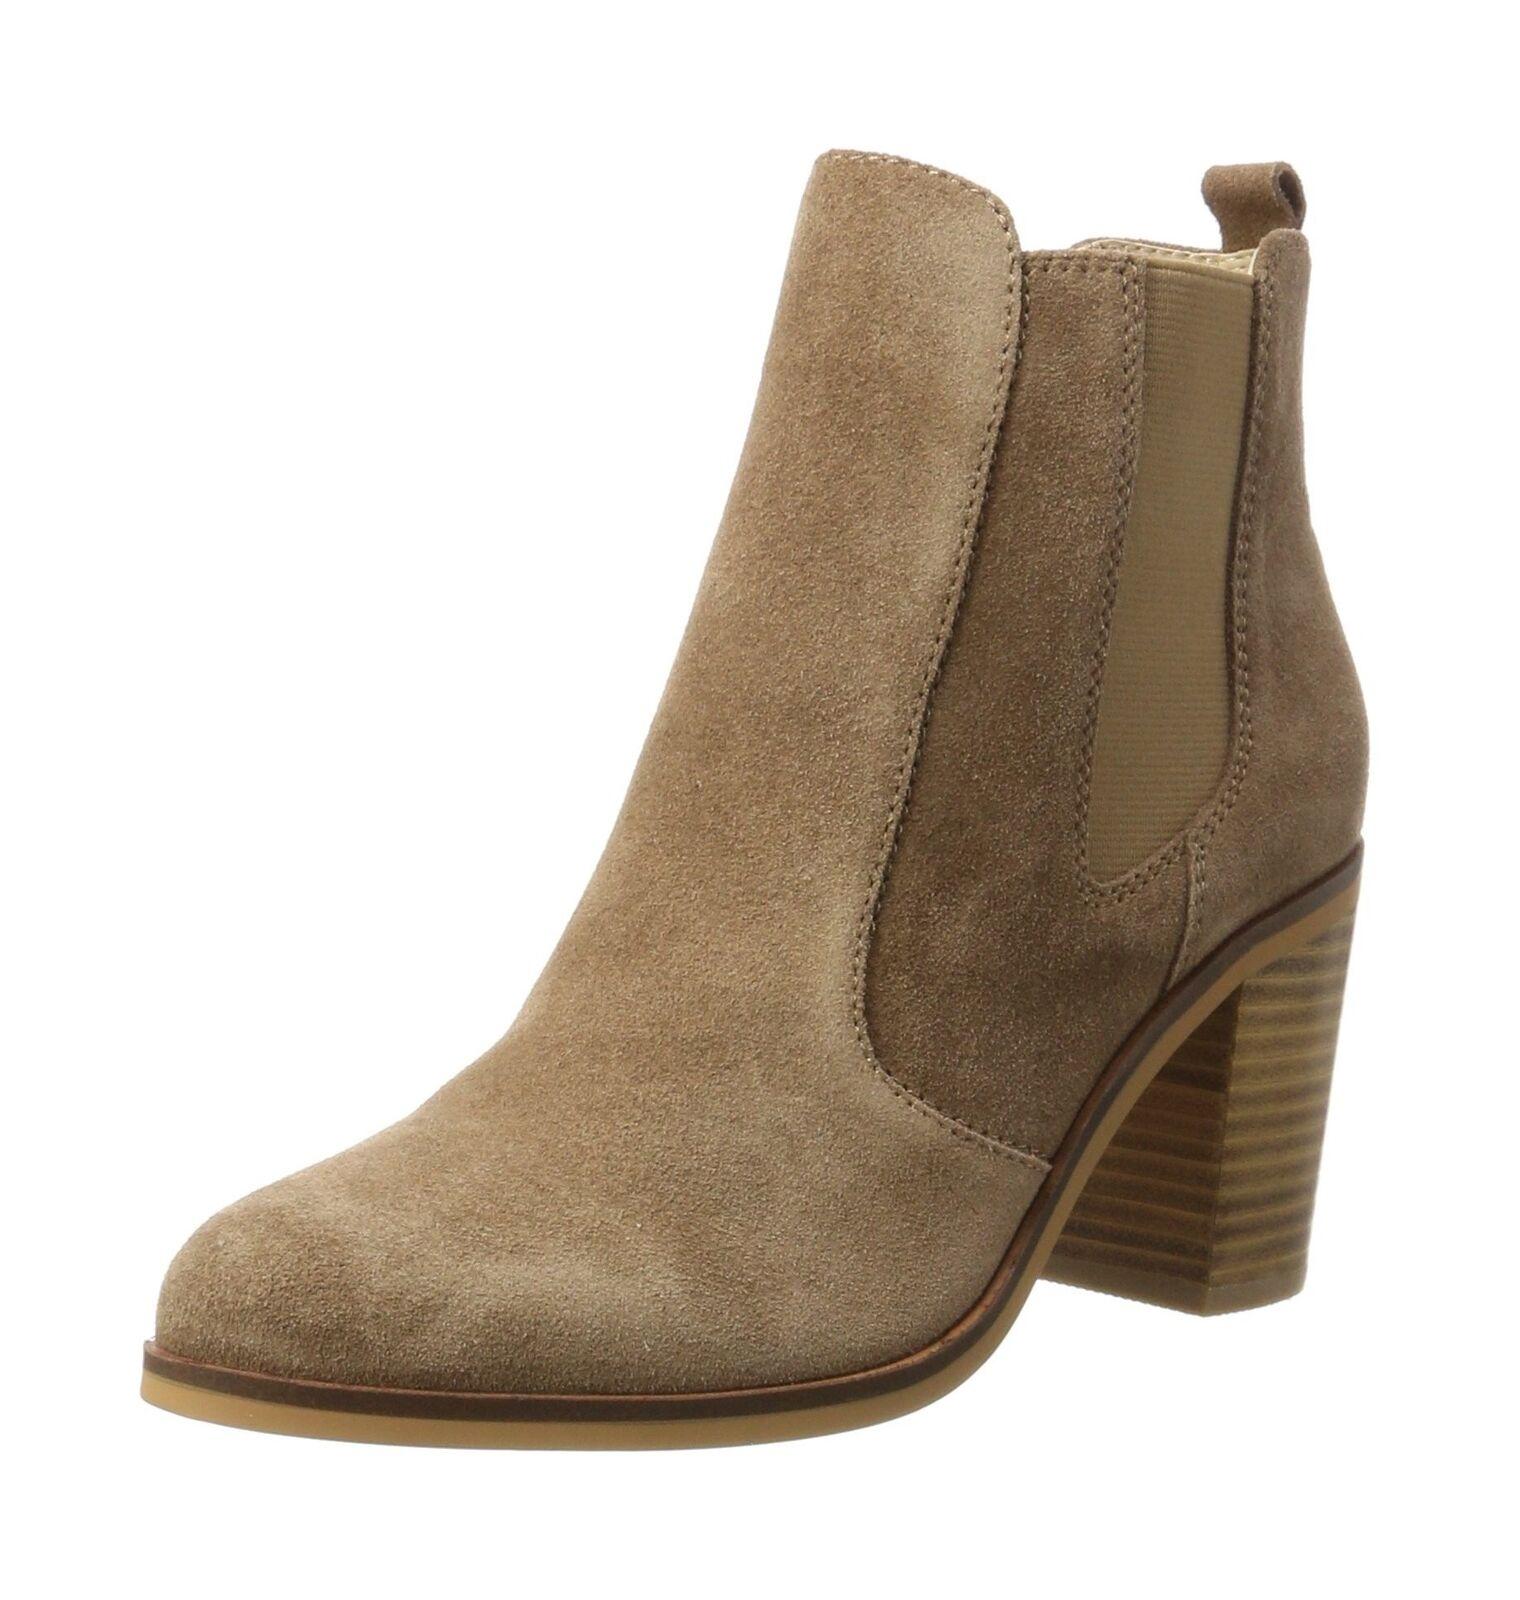 Buffalo botas para mujer Vaca 416-7044 416-7044 416-7044 ante Chelsea Marrón (tan 01 0) 5.5 Reino Unido  descuento de ventas en línea